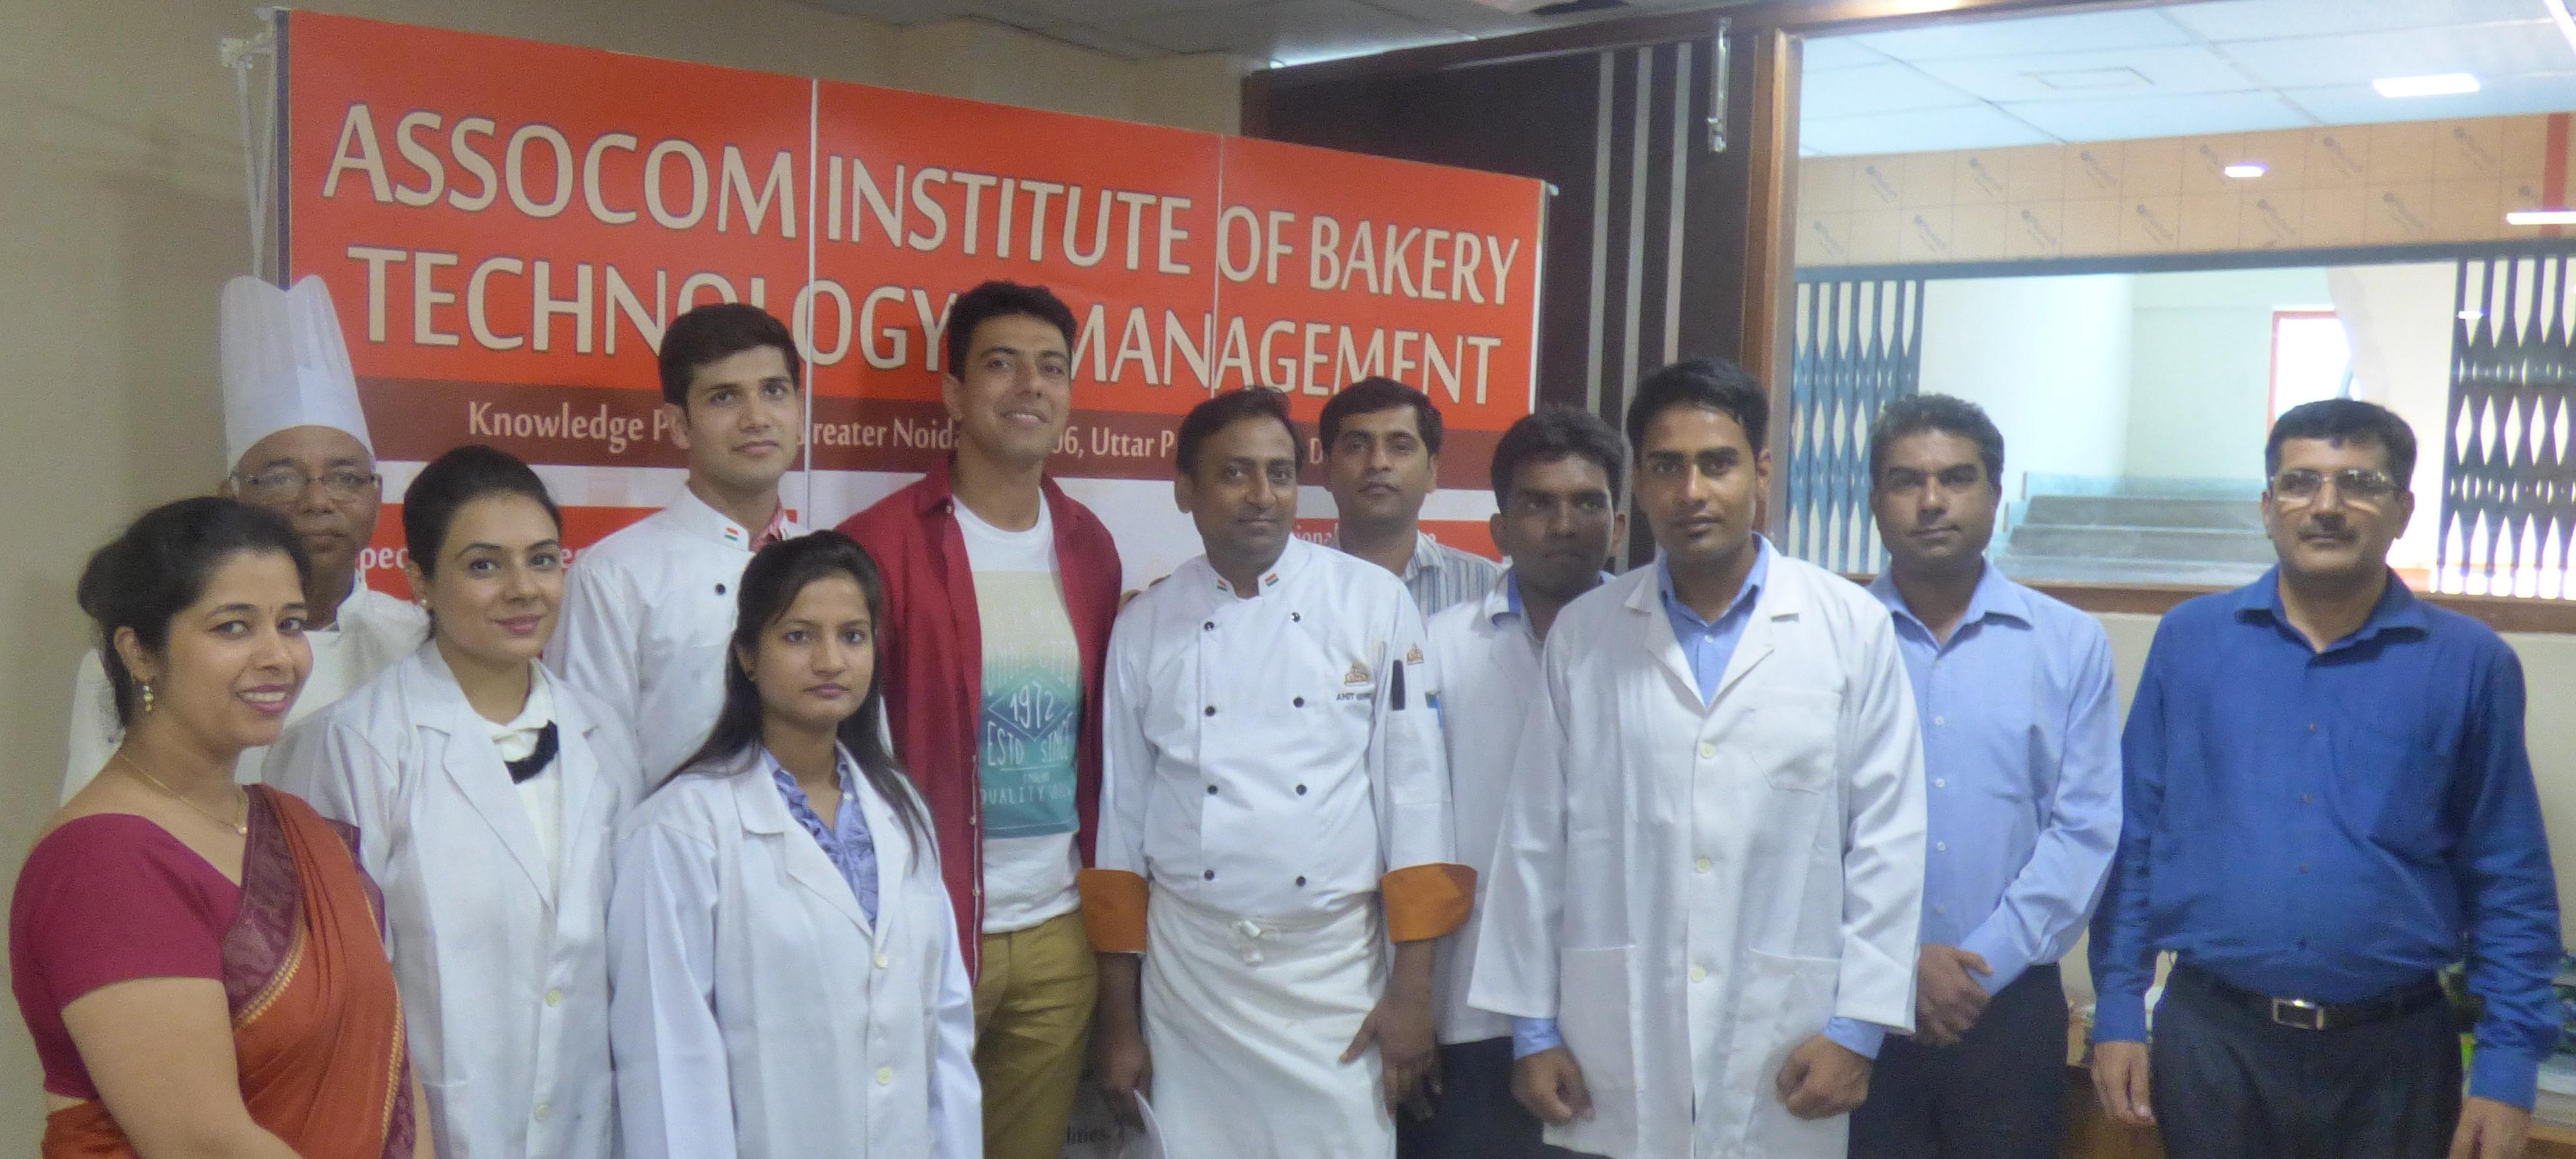 AIBTM Staff with Celebrity Chef Ranveer Brar